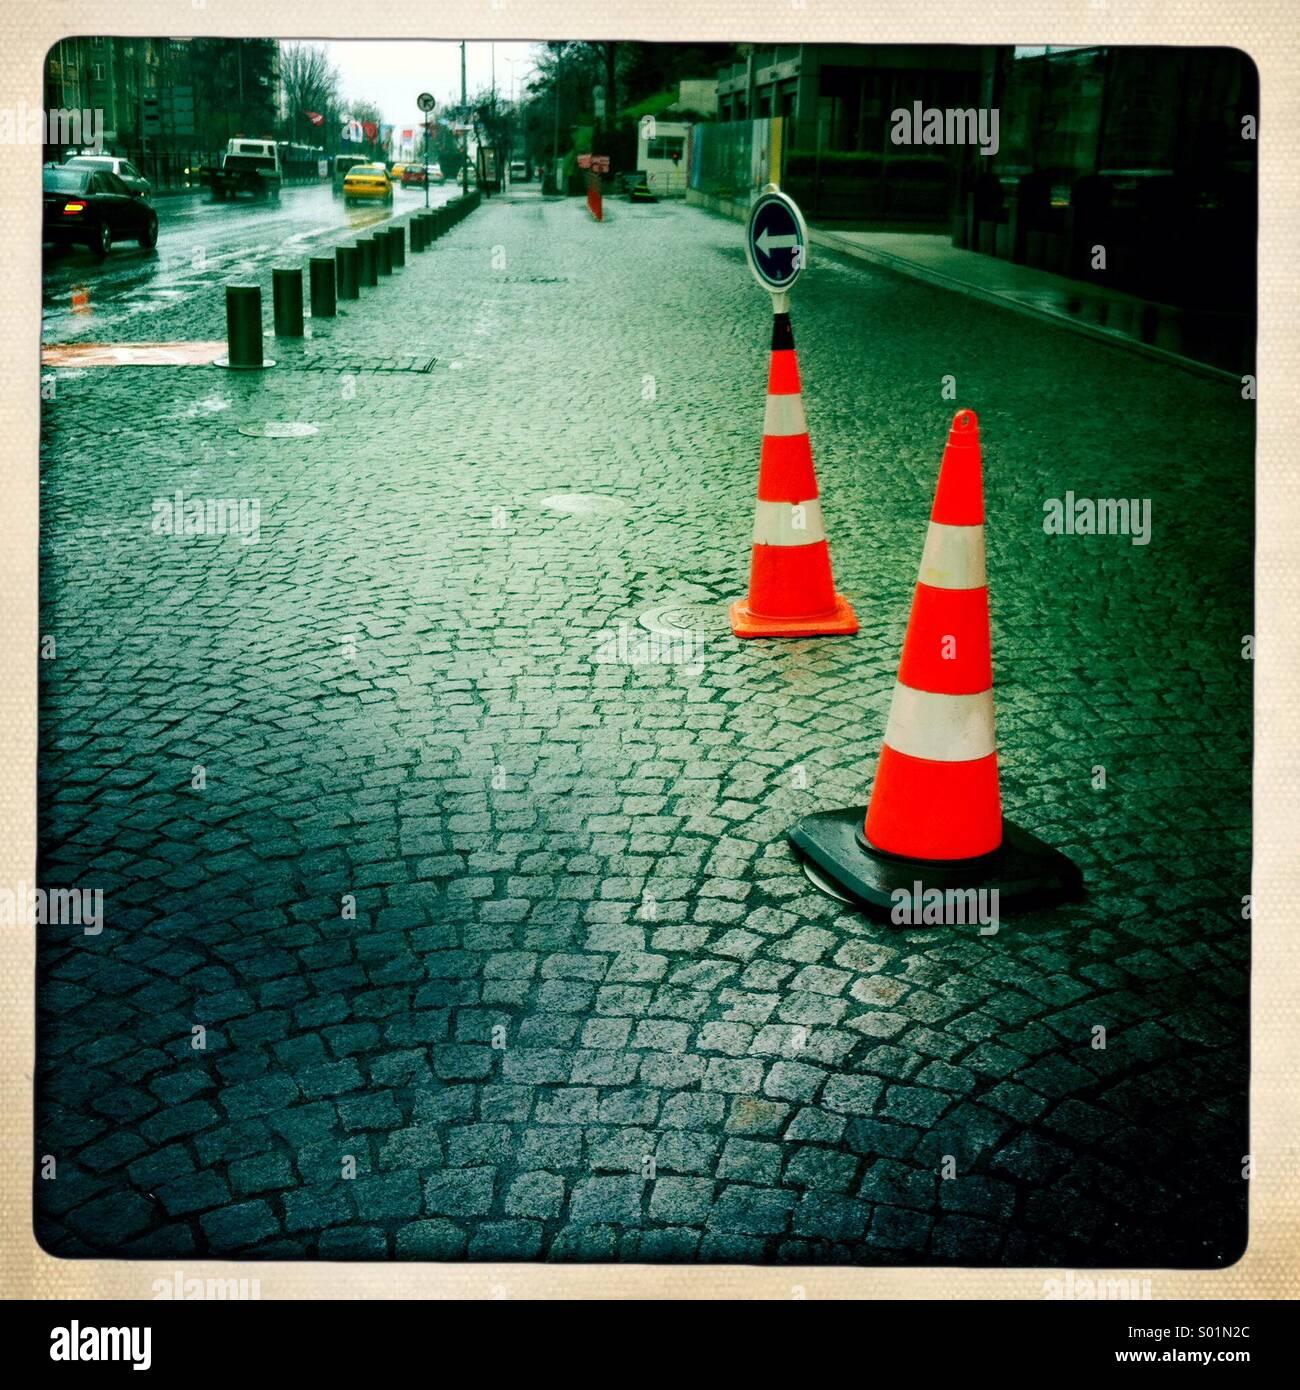 Conos de tráfico en la calle Imagen De Stock